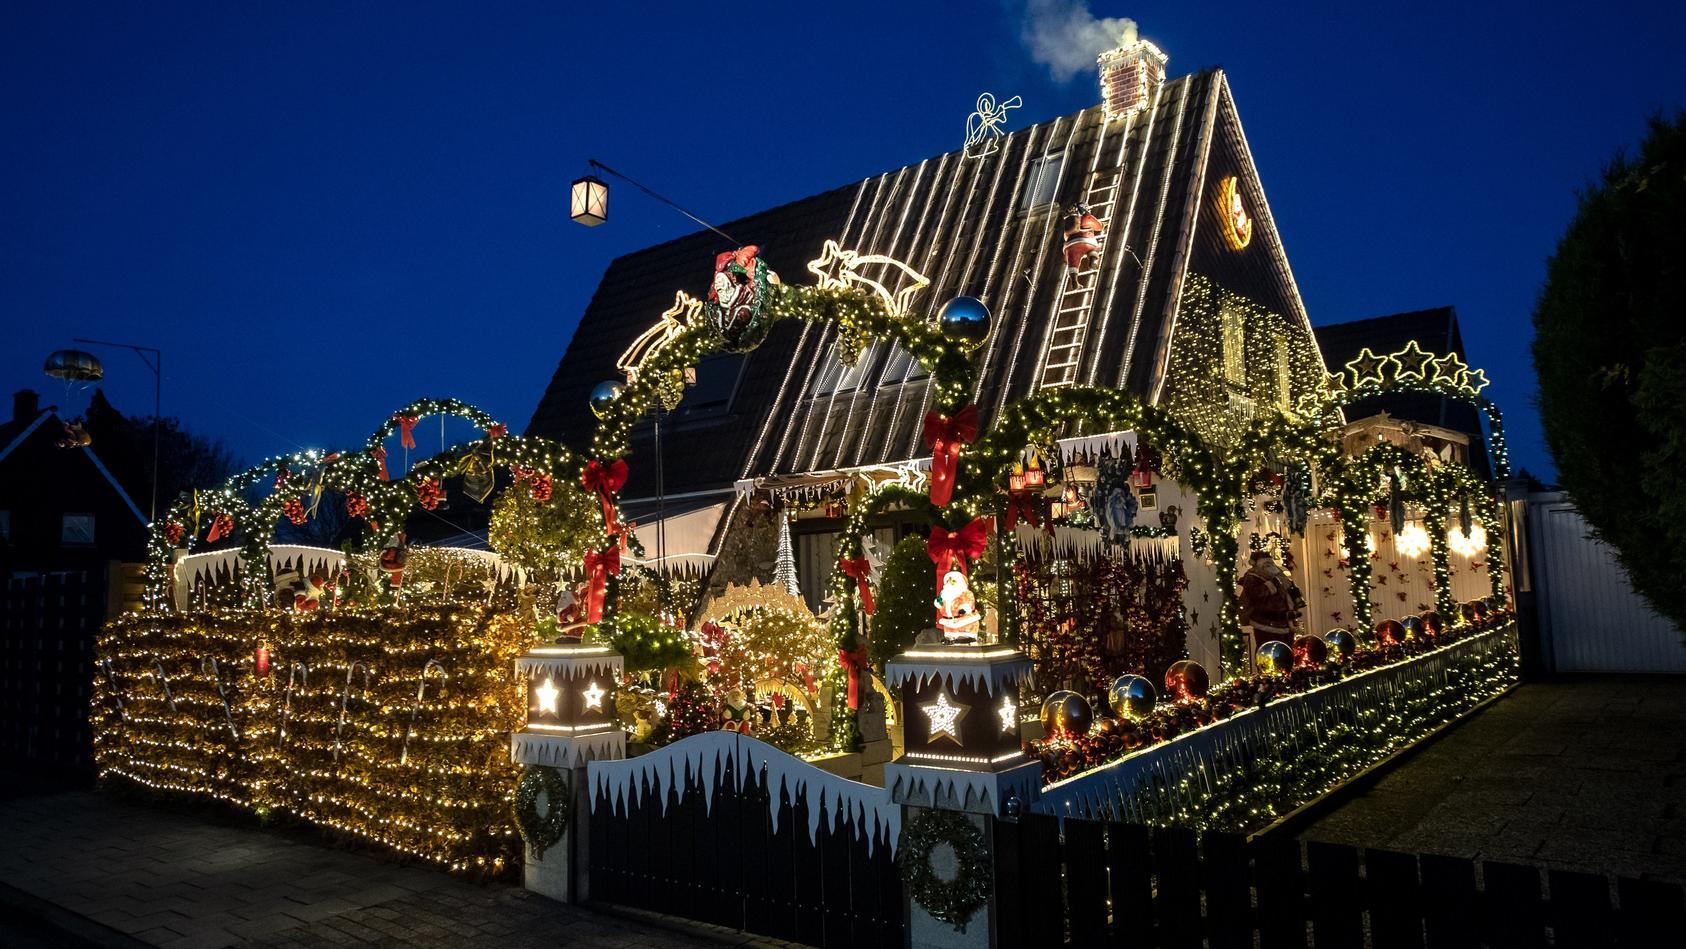 Familie schmückt Haus zur Weihnachtszeit mit 60.000 Lichtern